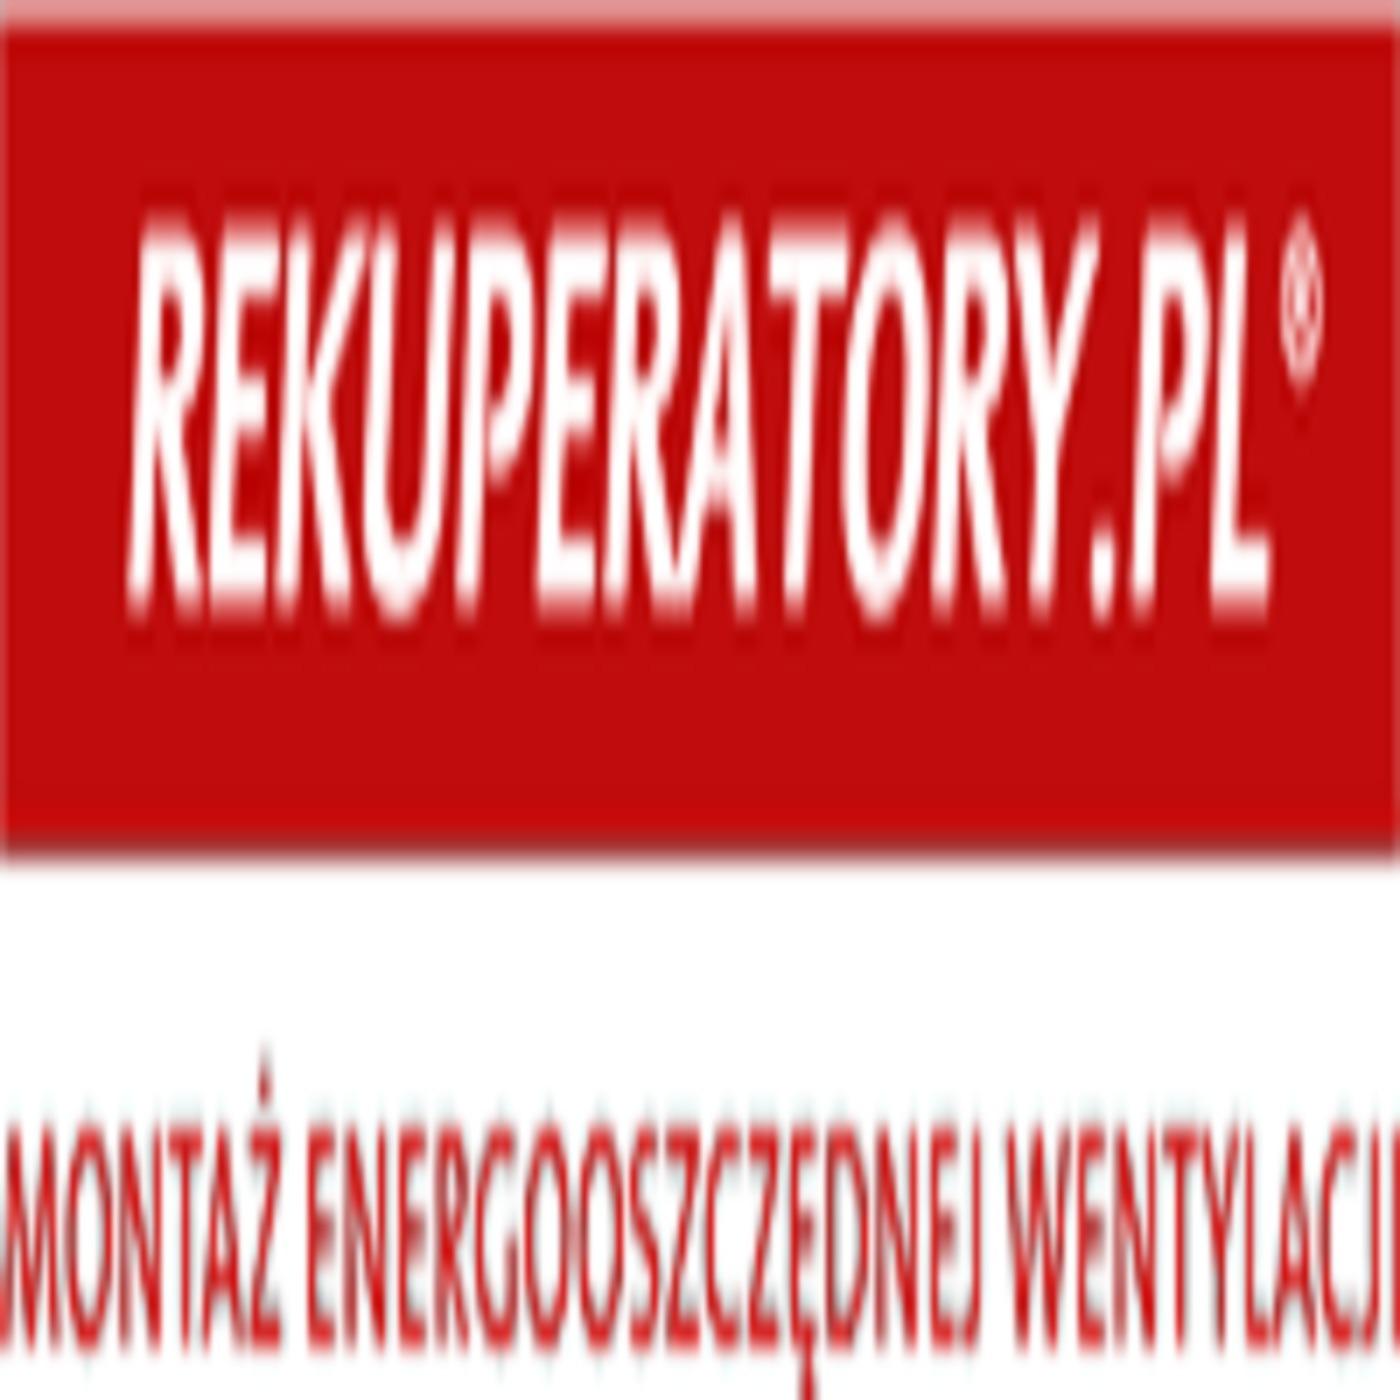 Rekuperatory.pl (@rekuperatorypl) Cover Image